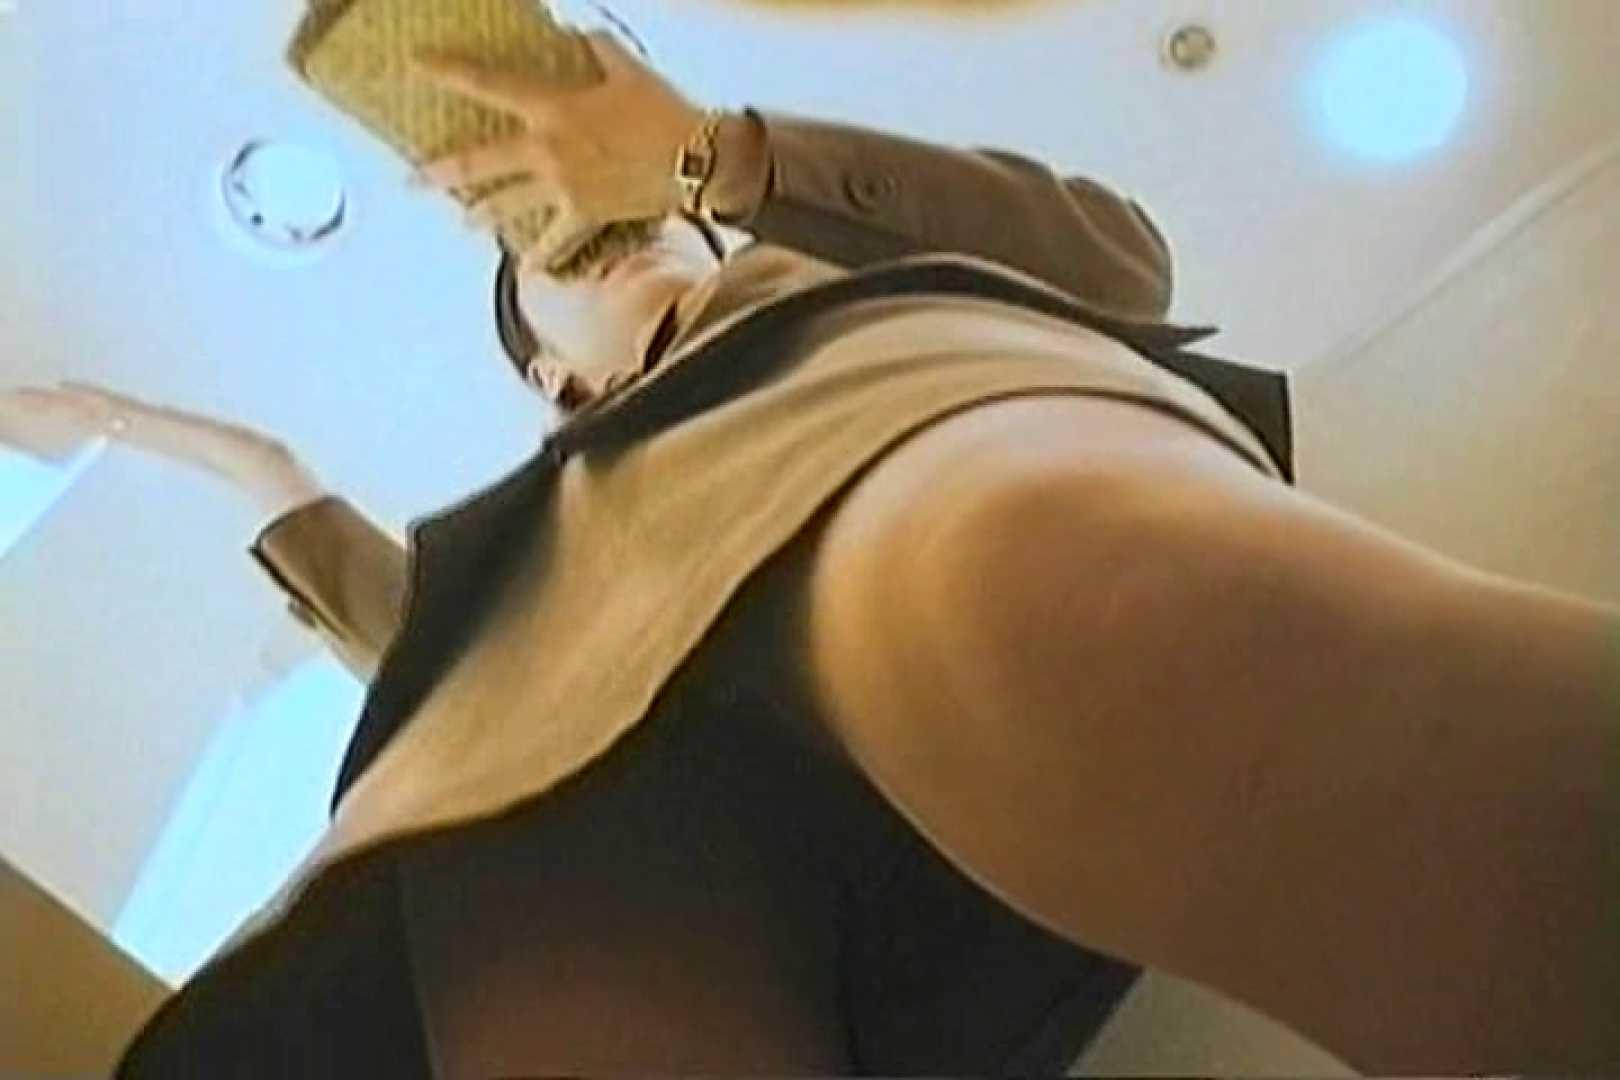 デパートローアングル徘徊 靴カメ盗撮Vol.3 お姉さんの女体 | 盗撮  65pic 2